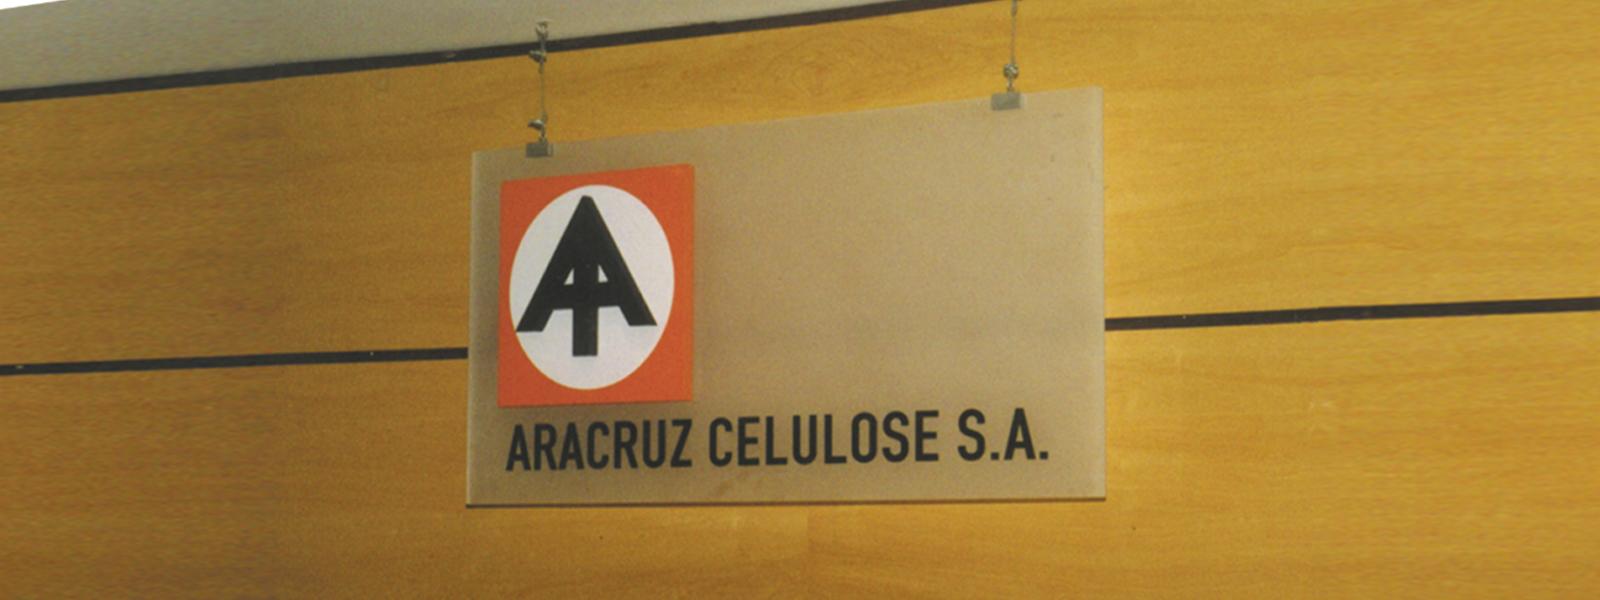 aracruz_home5.jpg